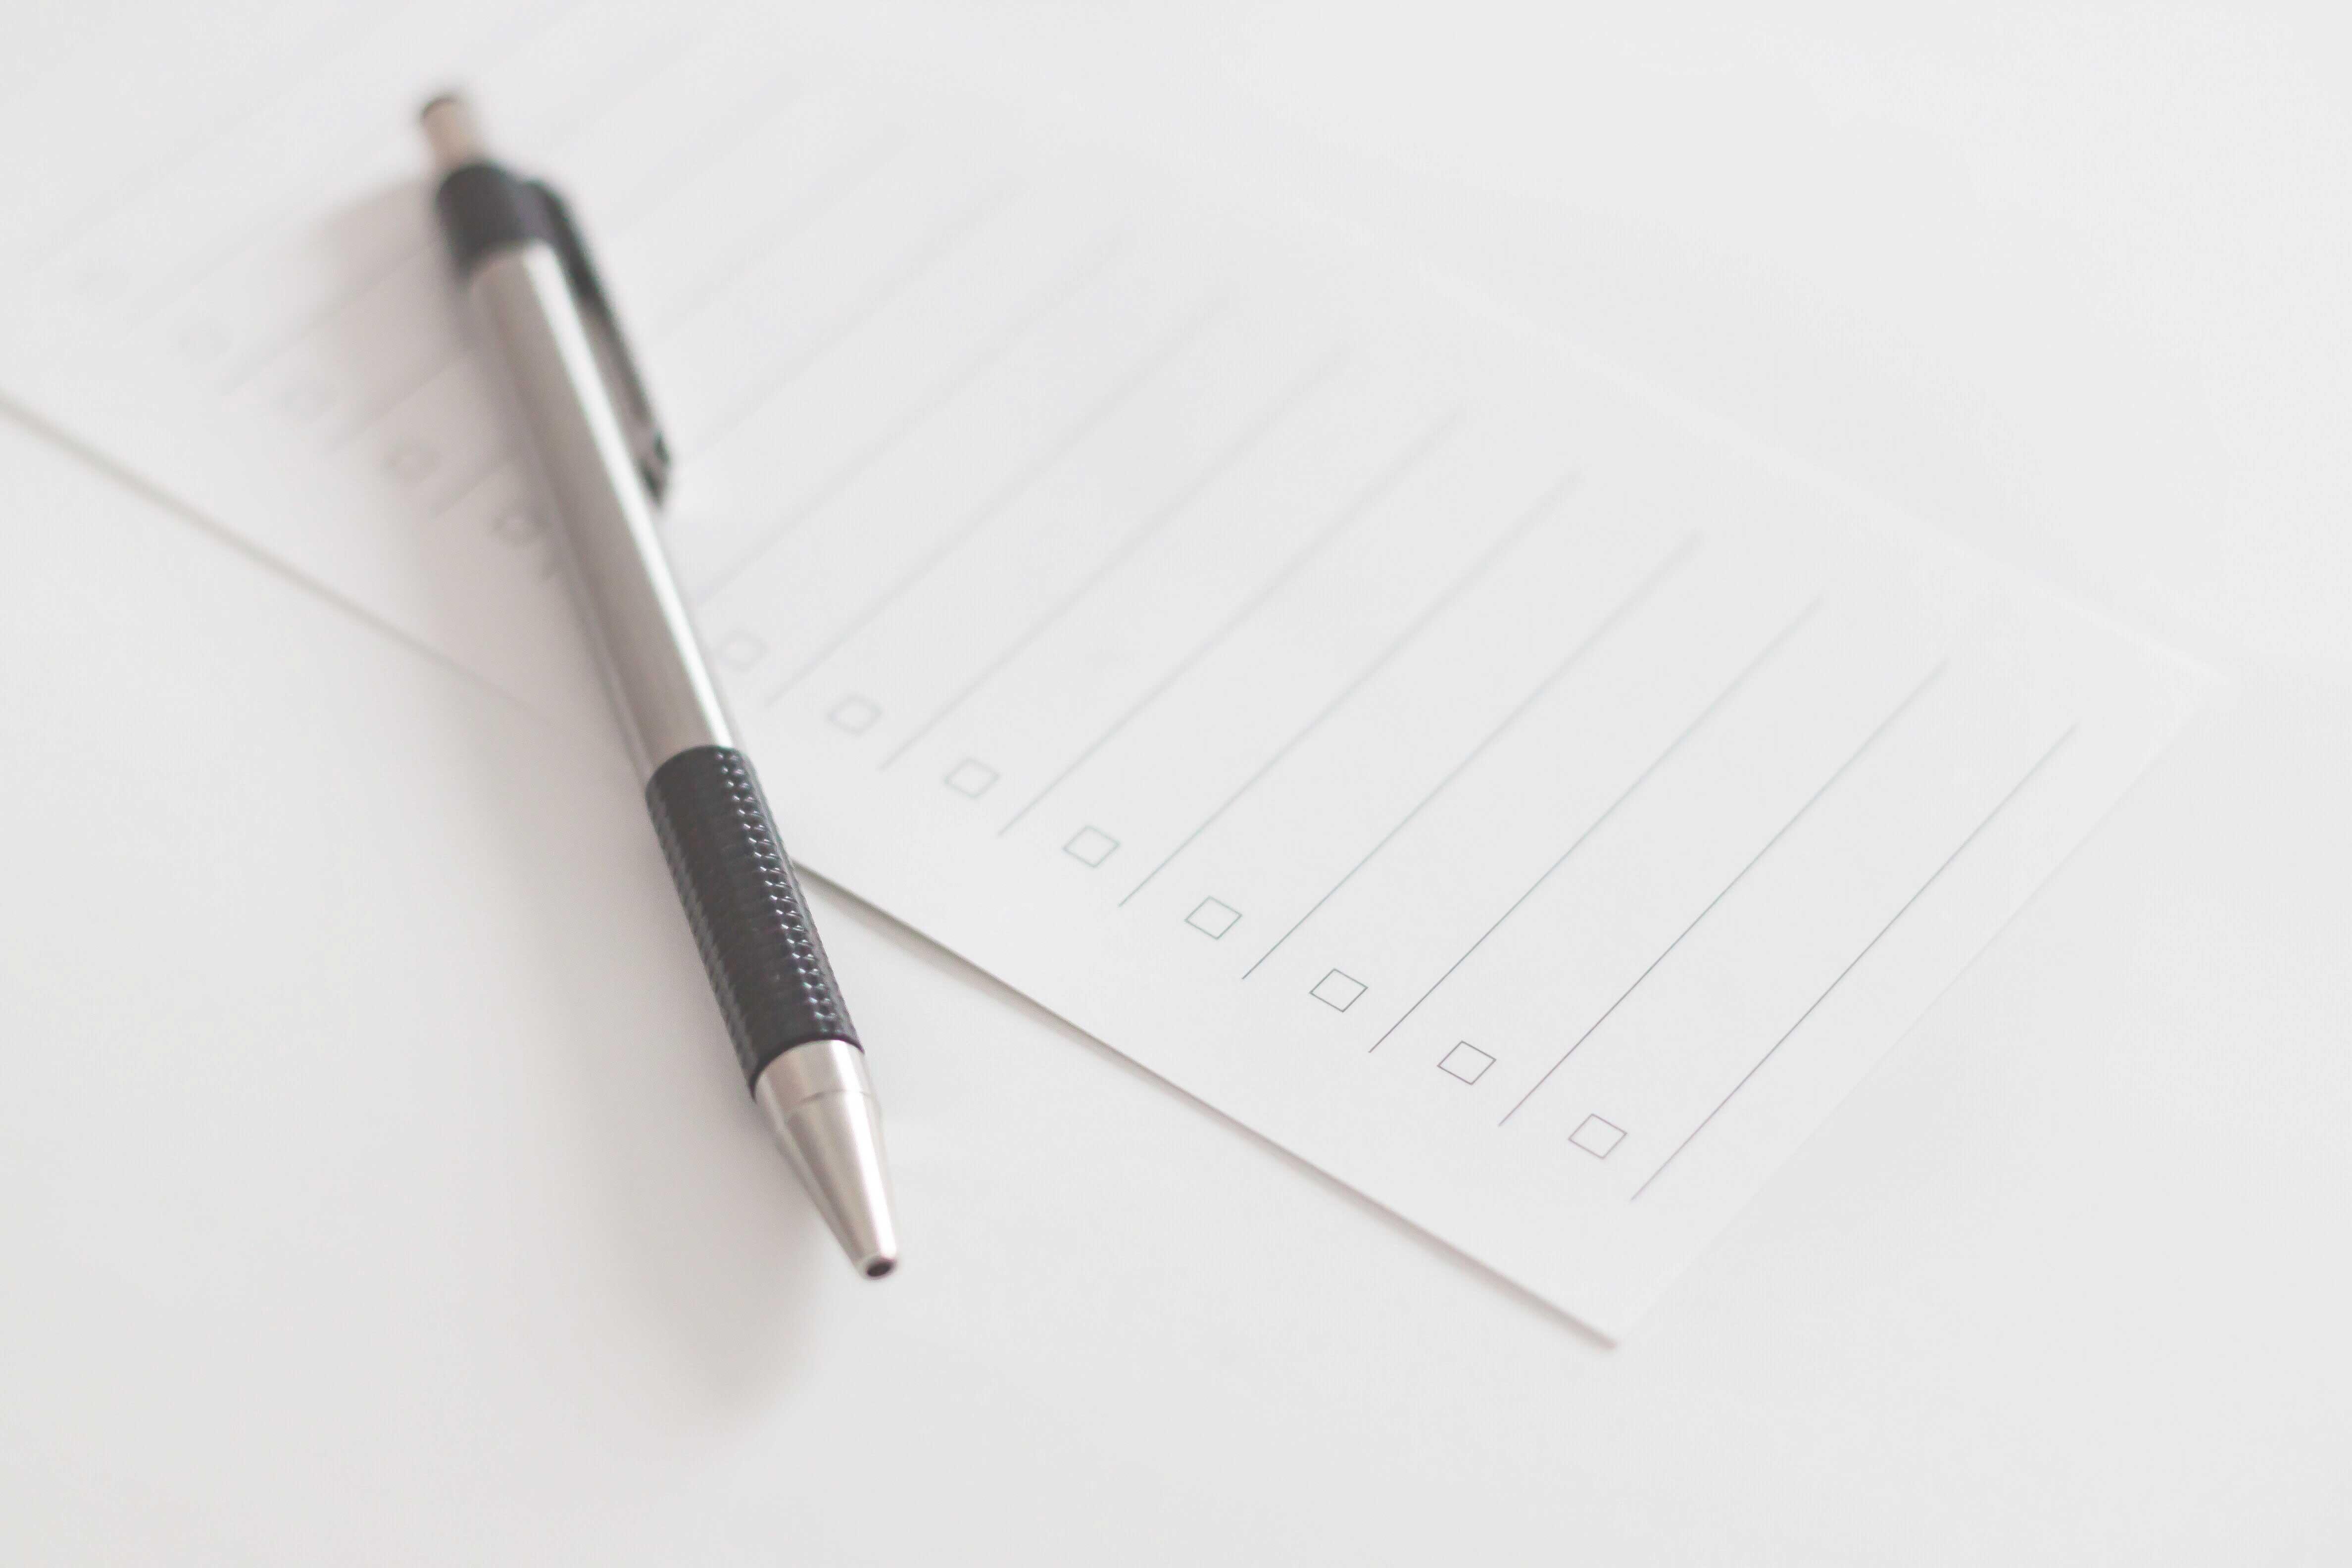 Stift auf leerer Checkliste